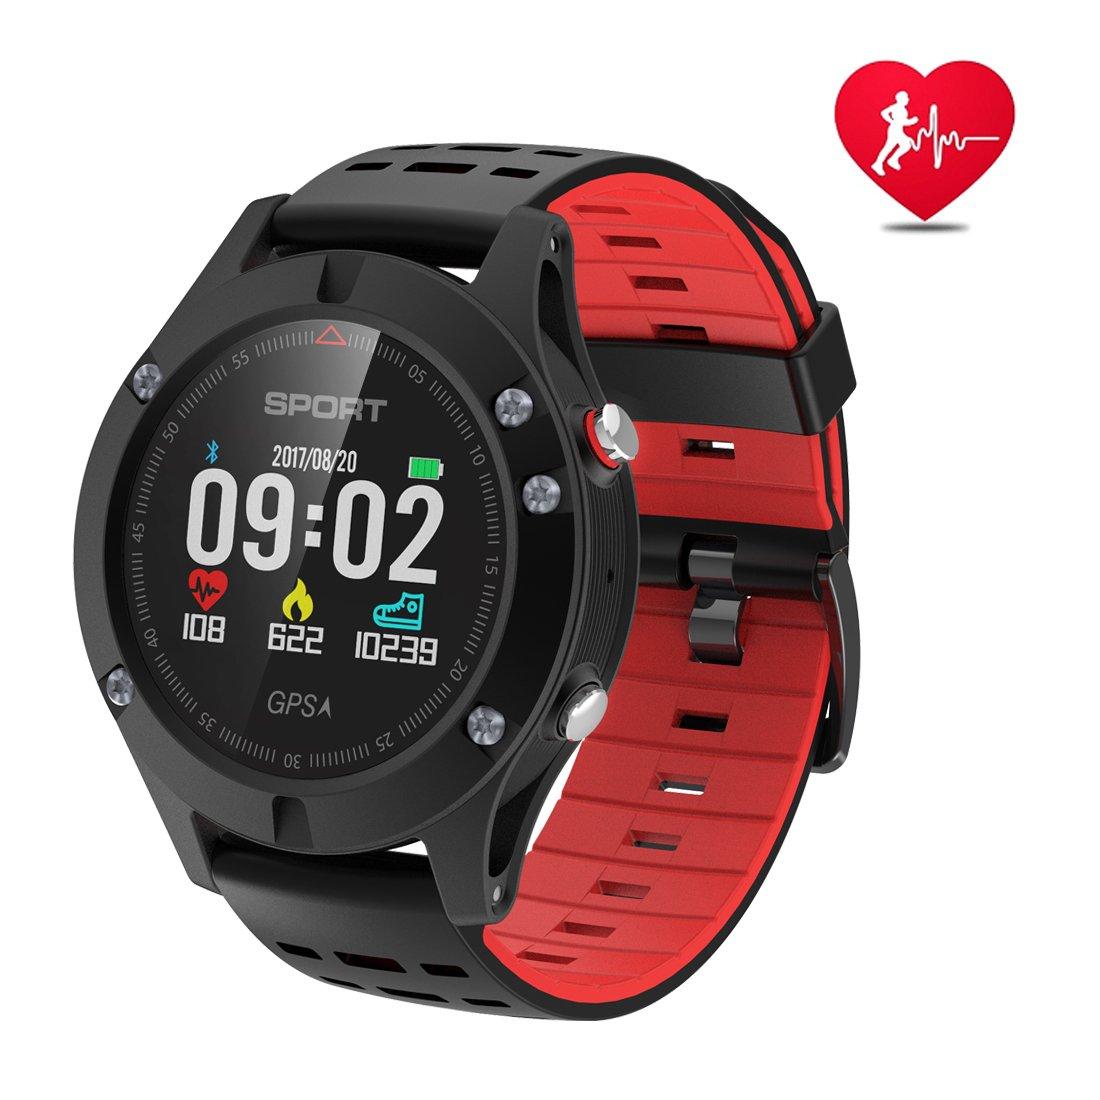 Reloj inteligente,Reloj deportivo con altímetro/ barómetro /termómetro y GPS incorporado,...